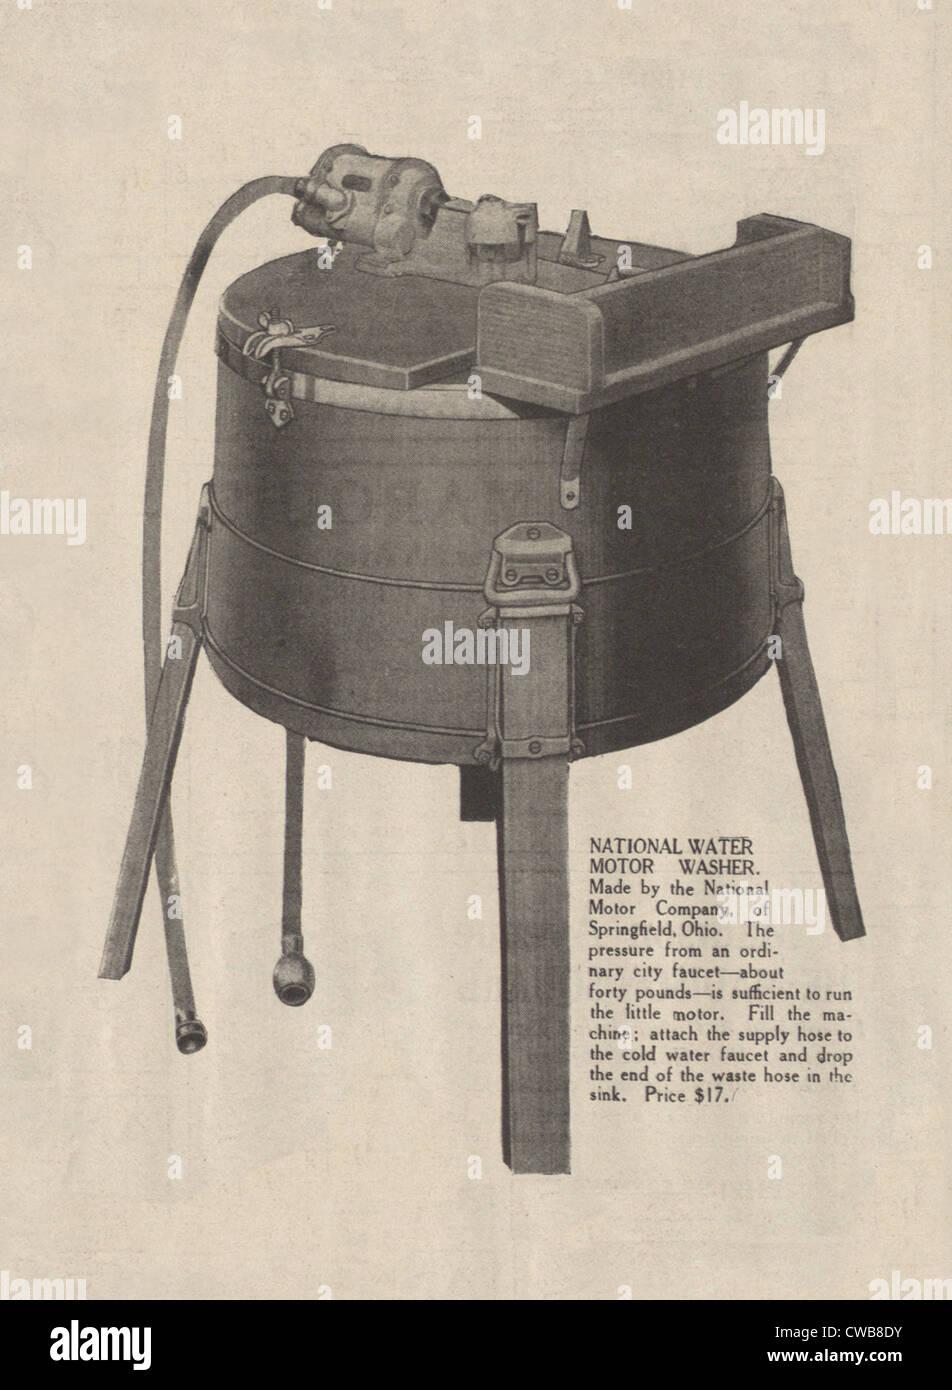 Macchina di lavaggio. Un inizio elettrico macchina di lavaggio pubblicità, 1916 Immagini Stock